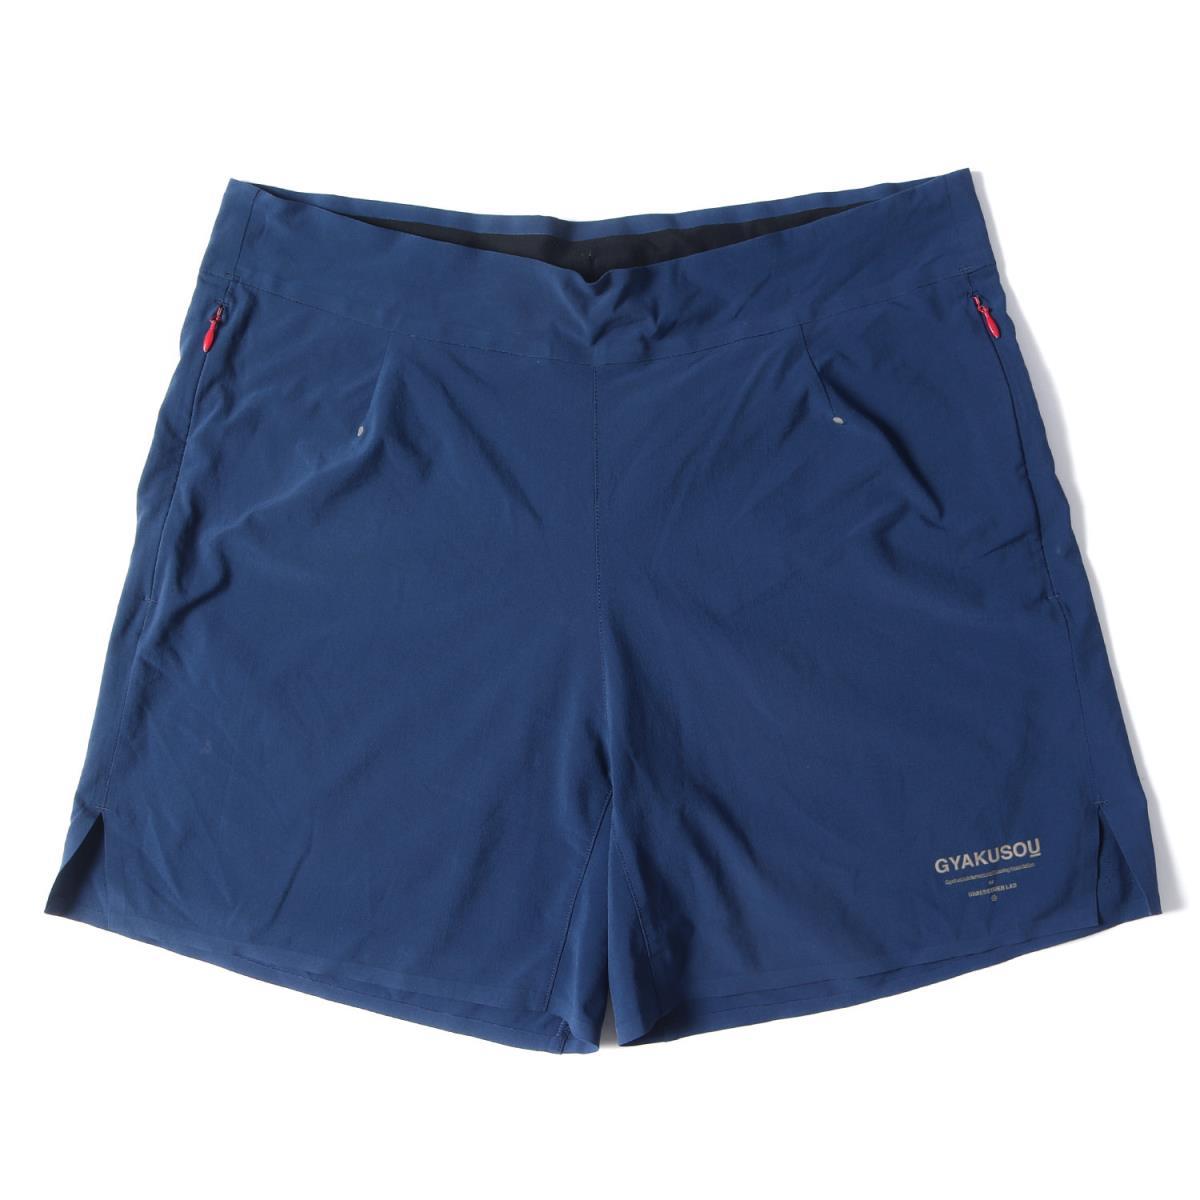 メンズファッション, ズボン・パンツ UNDERCOVER NIKE GYAKUSOU Stretch Running Shorts 15AW M K2752